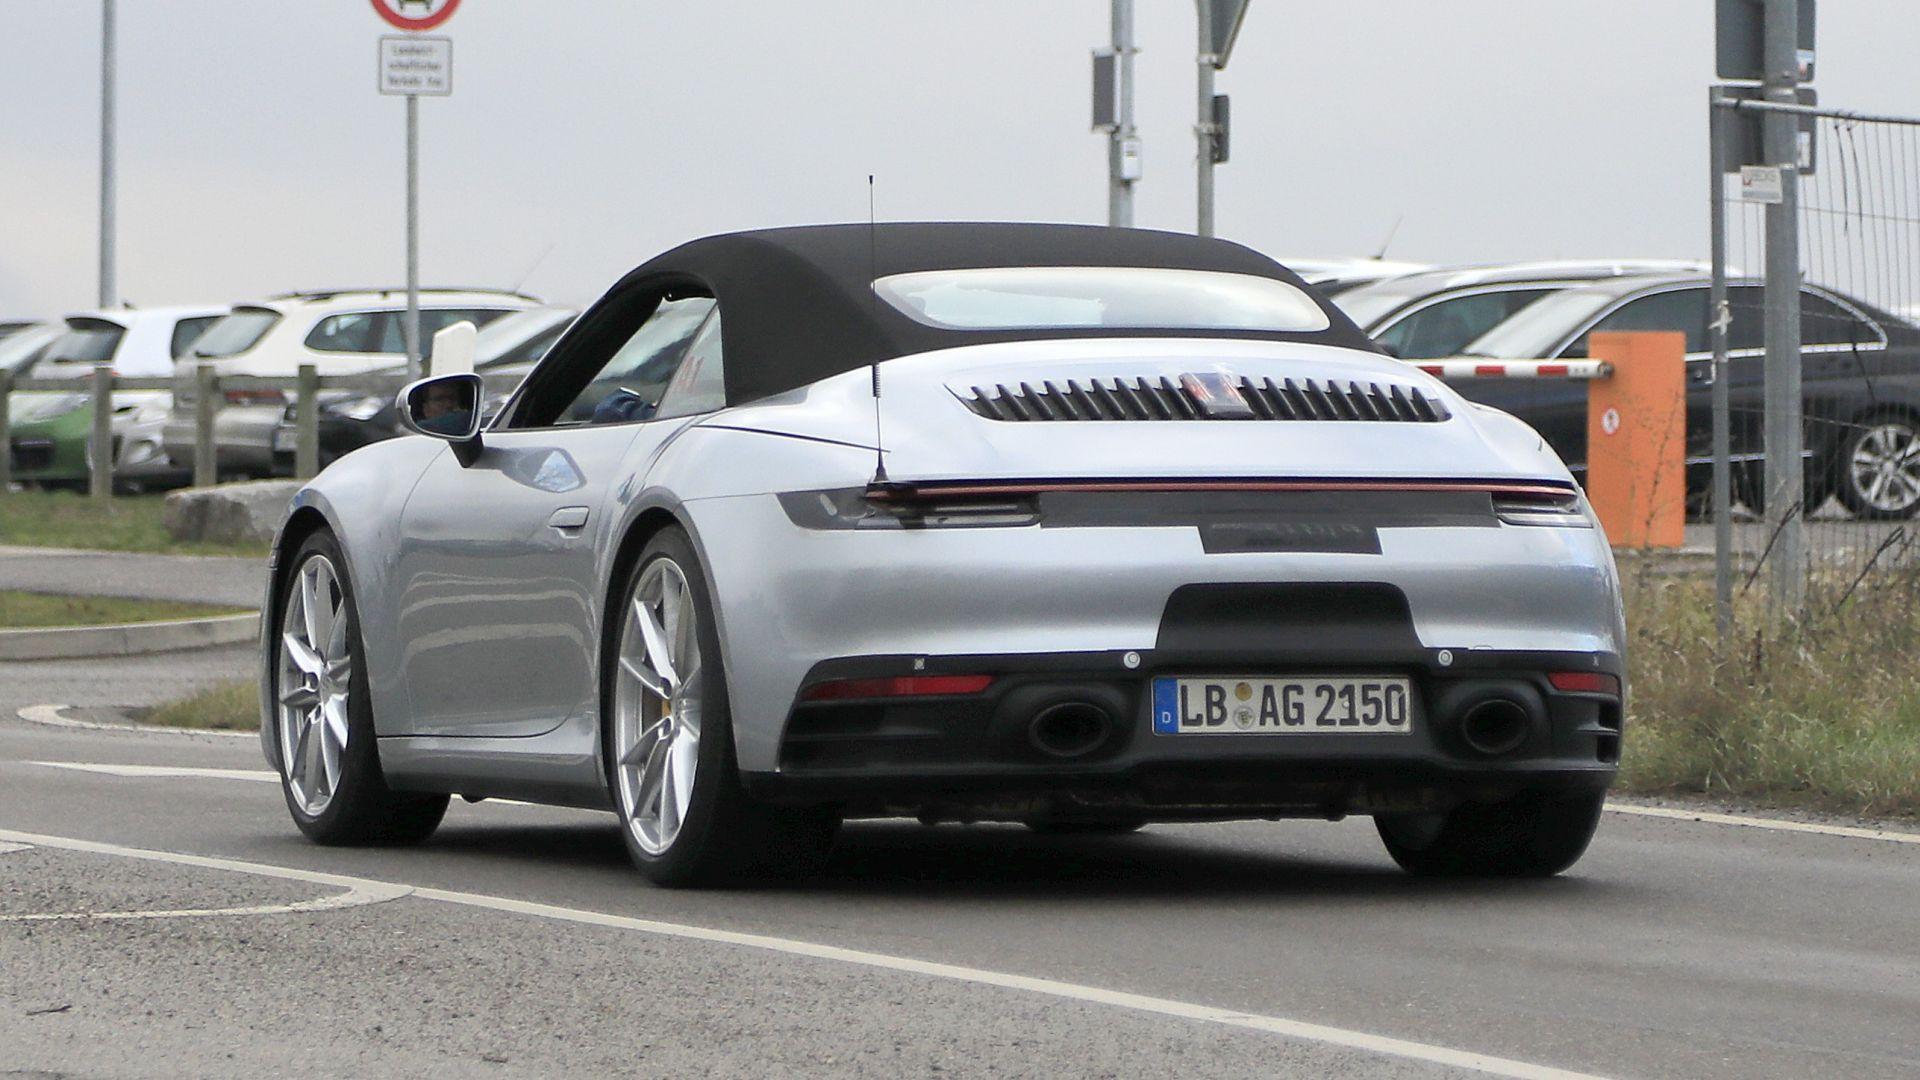 911 Targa 4S >> Nuova Porsche 911 992 Cabrio 2019: prezzi, uscita, immagini - MotorBox